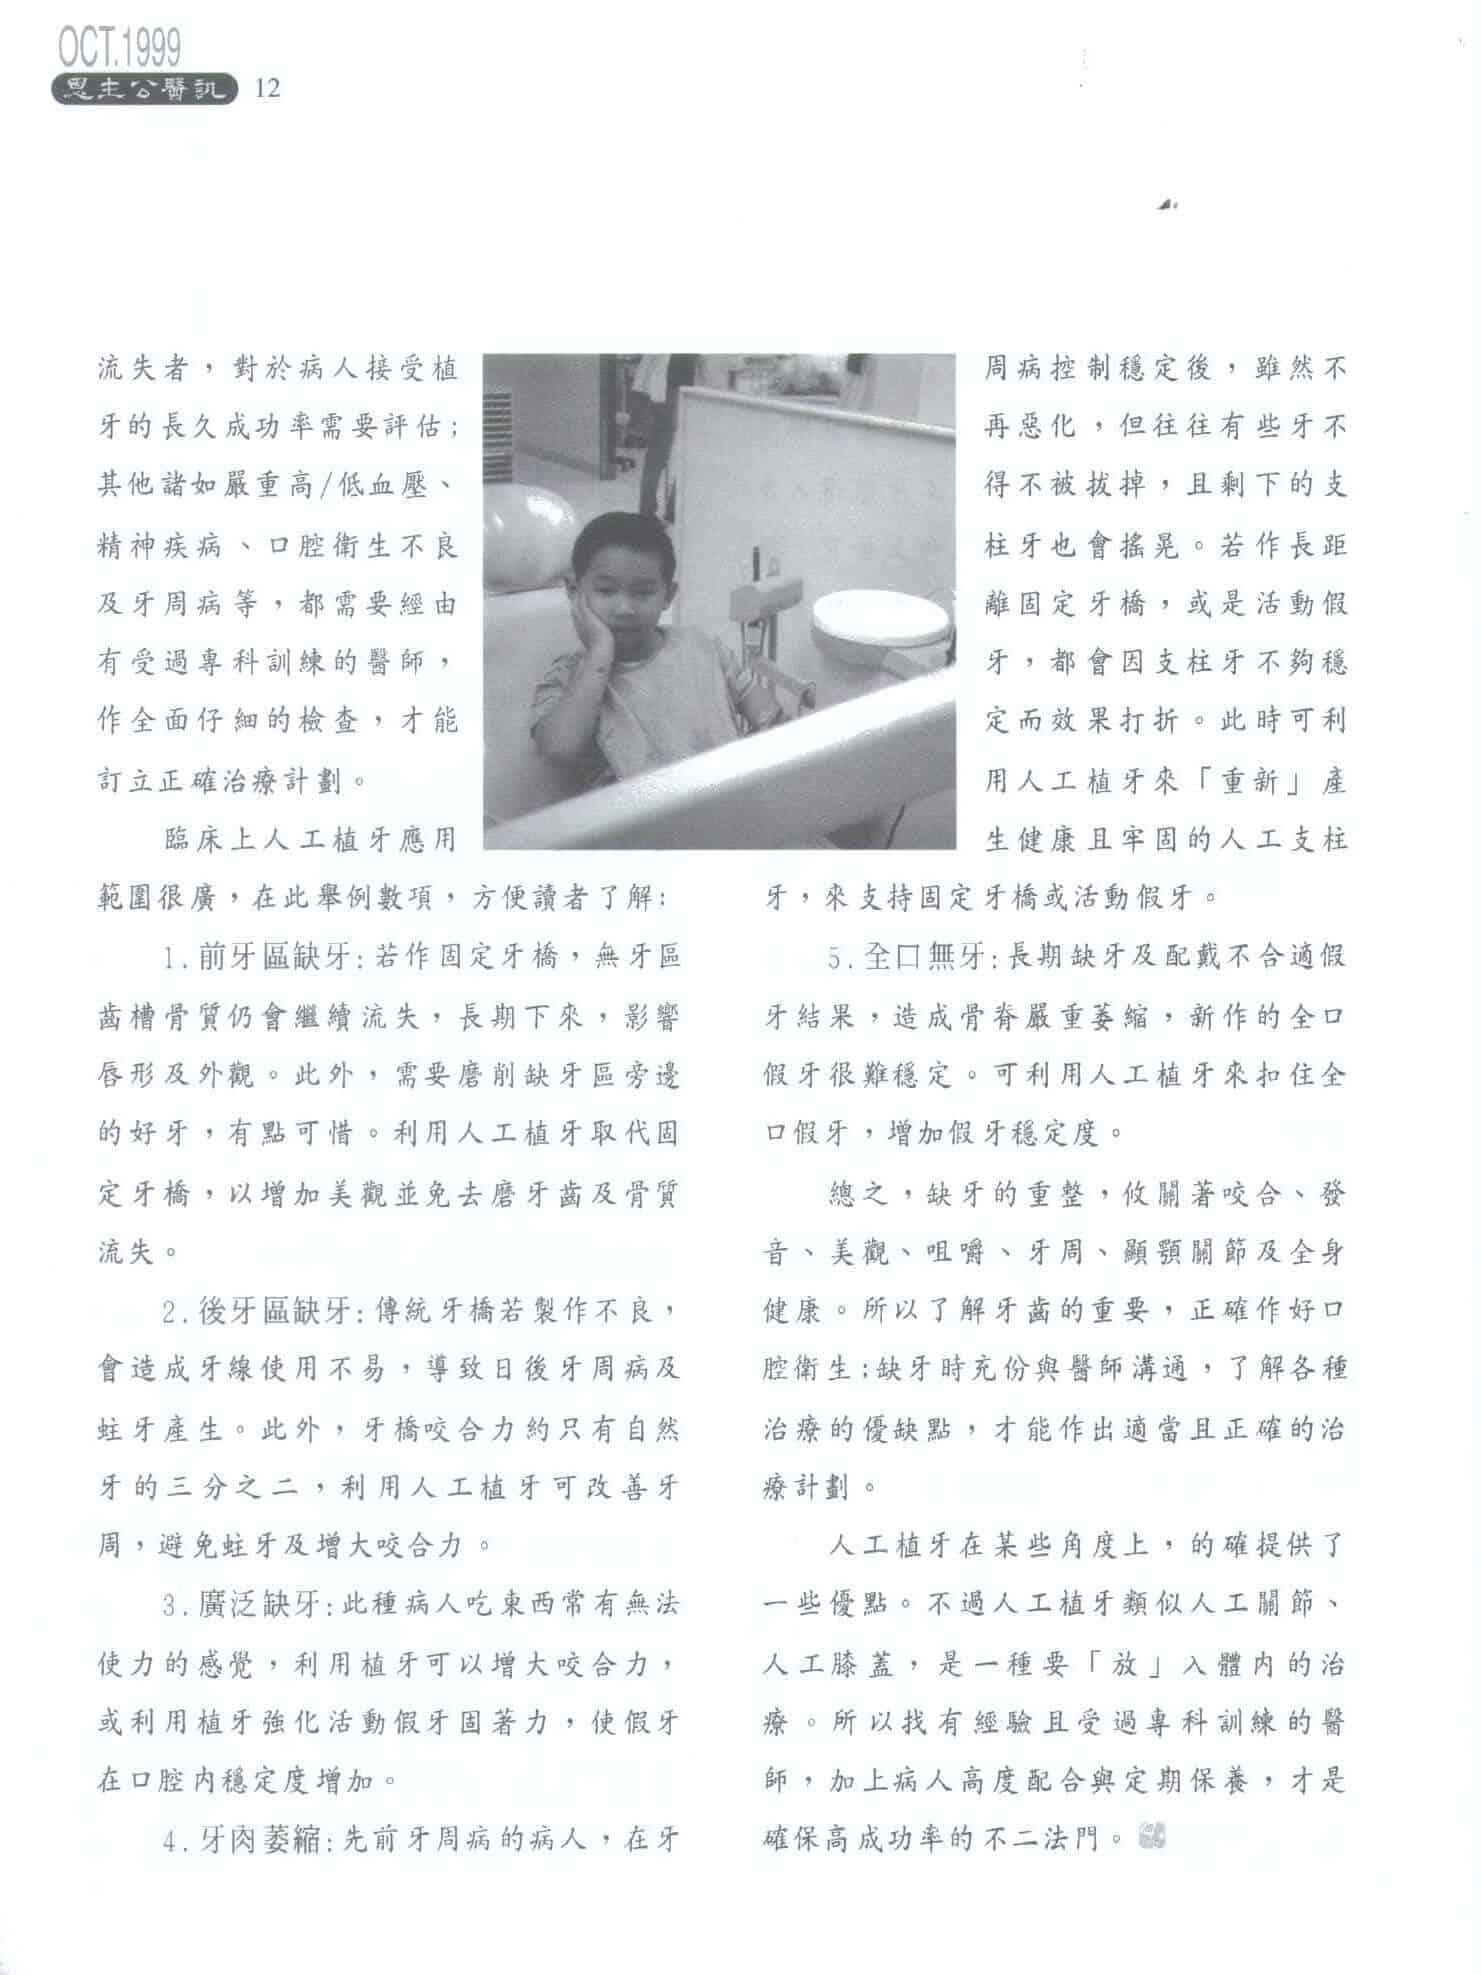 恩主公醫訊(口腔癌頭號殺手-檳榔-植牙知多少)-柏登牙醫人工植牙知識-7